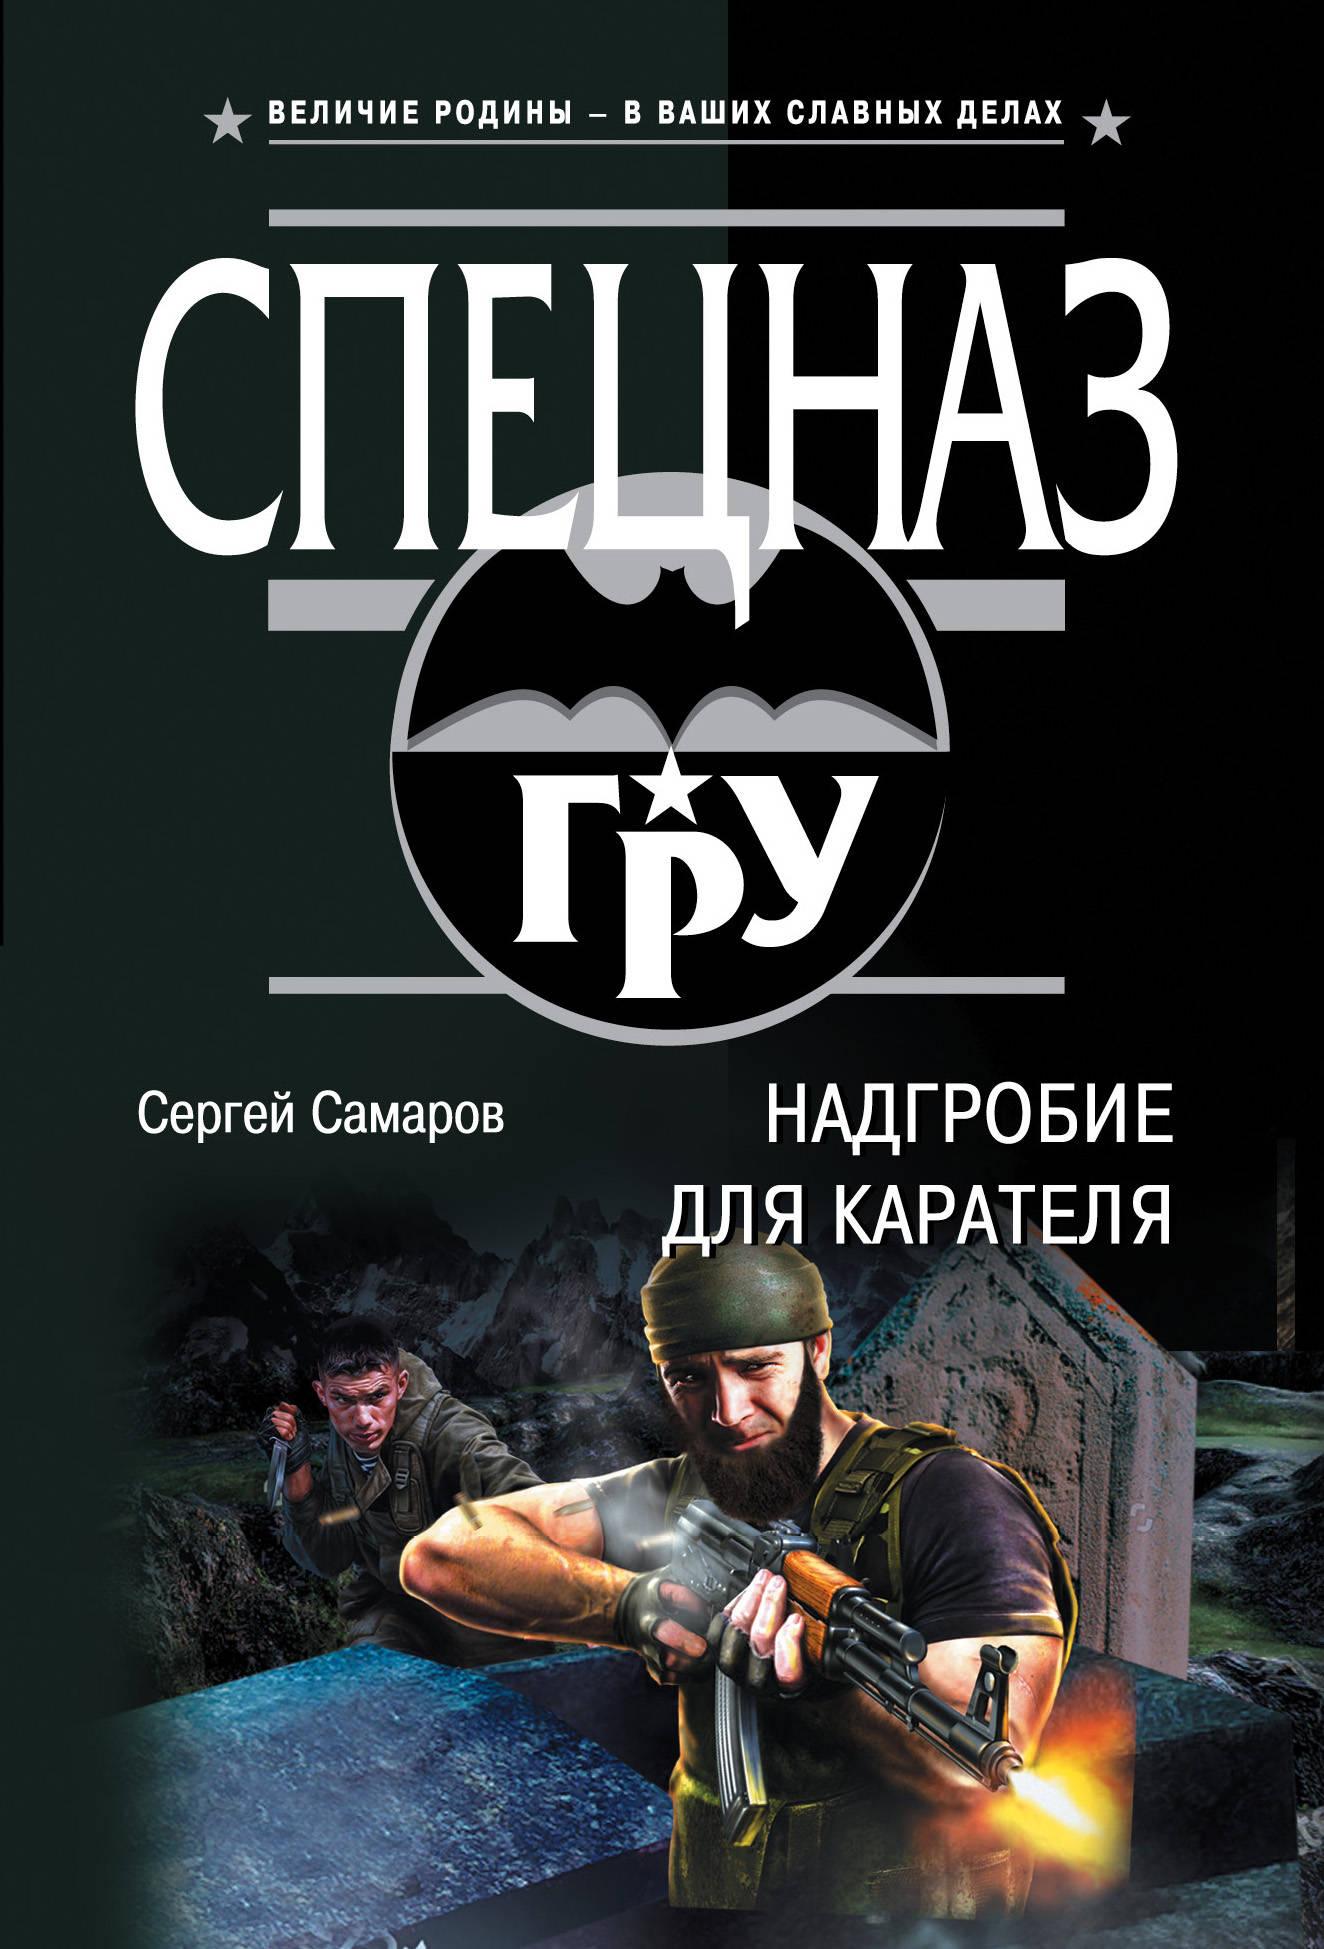 Самаров Сергей Васильевич Надгробие для карателя